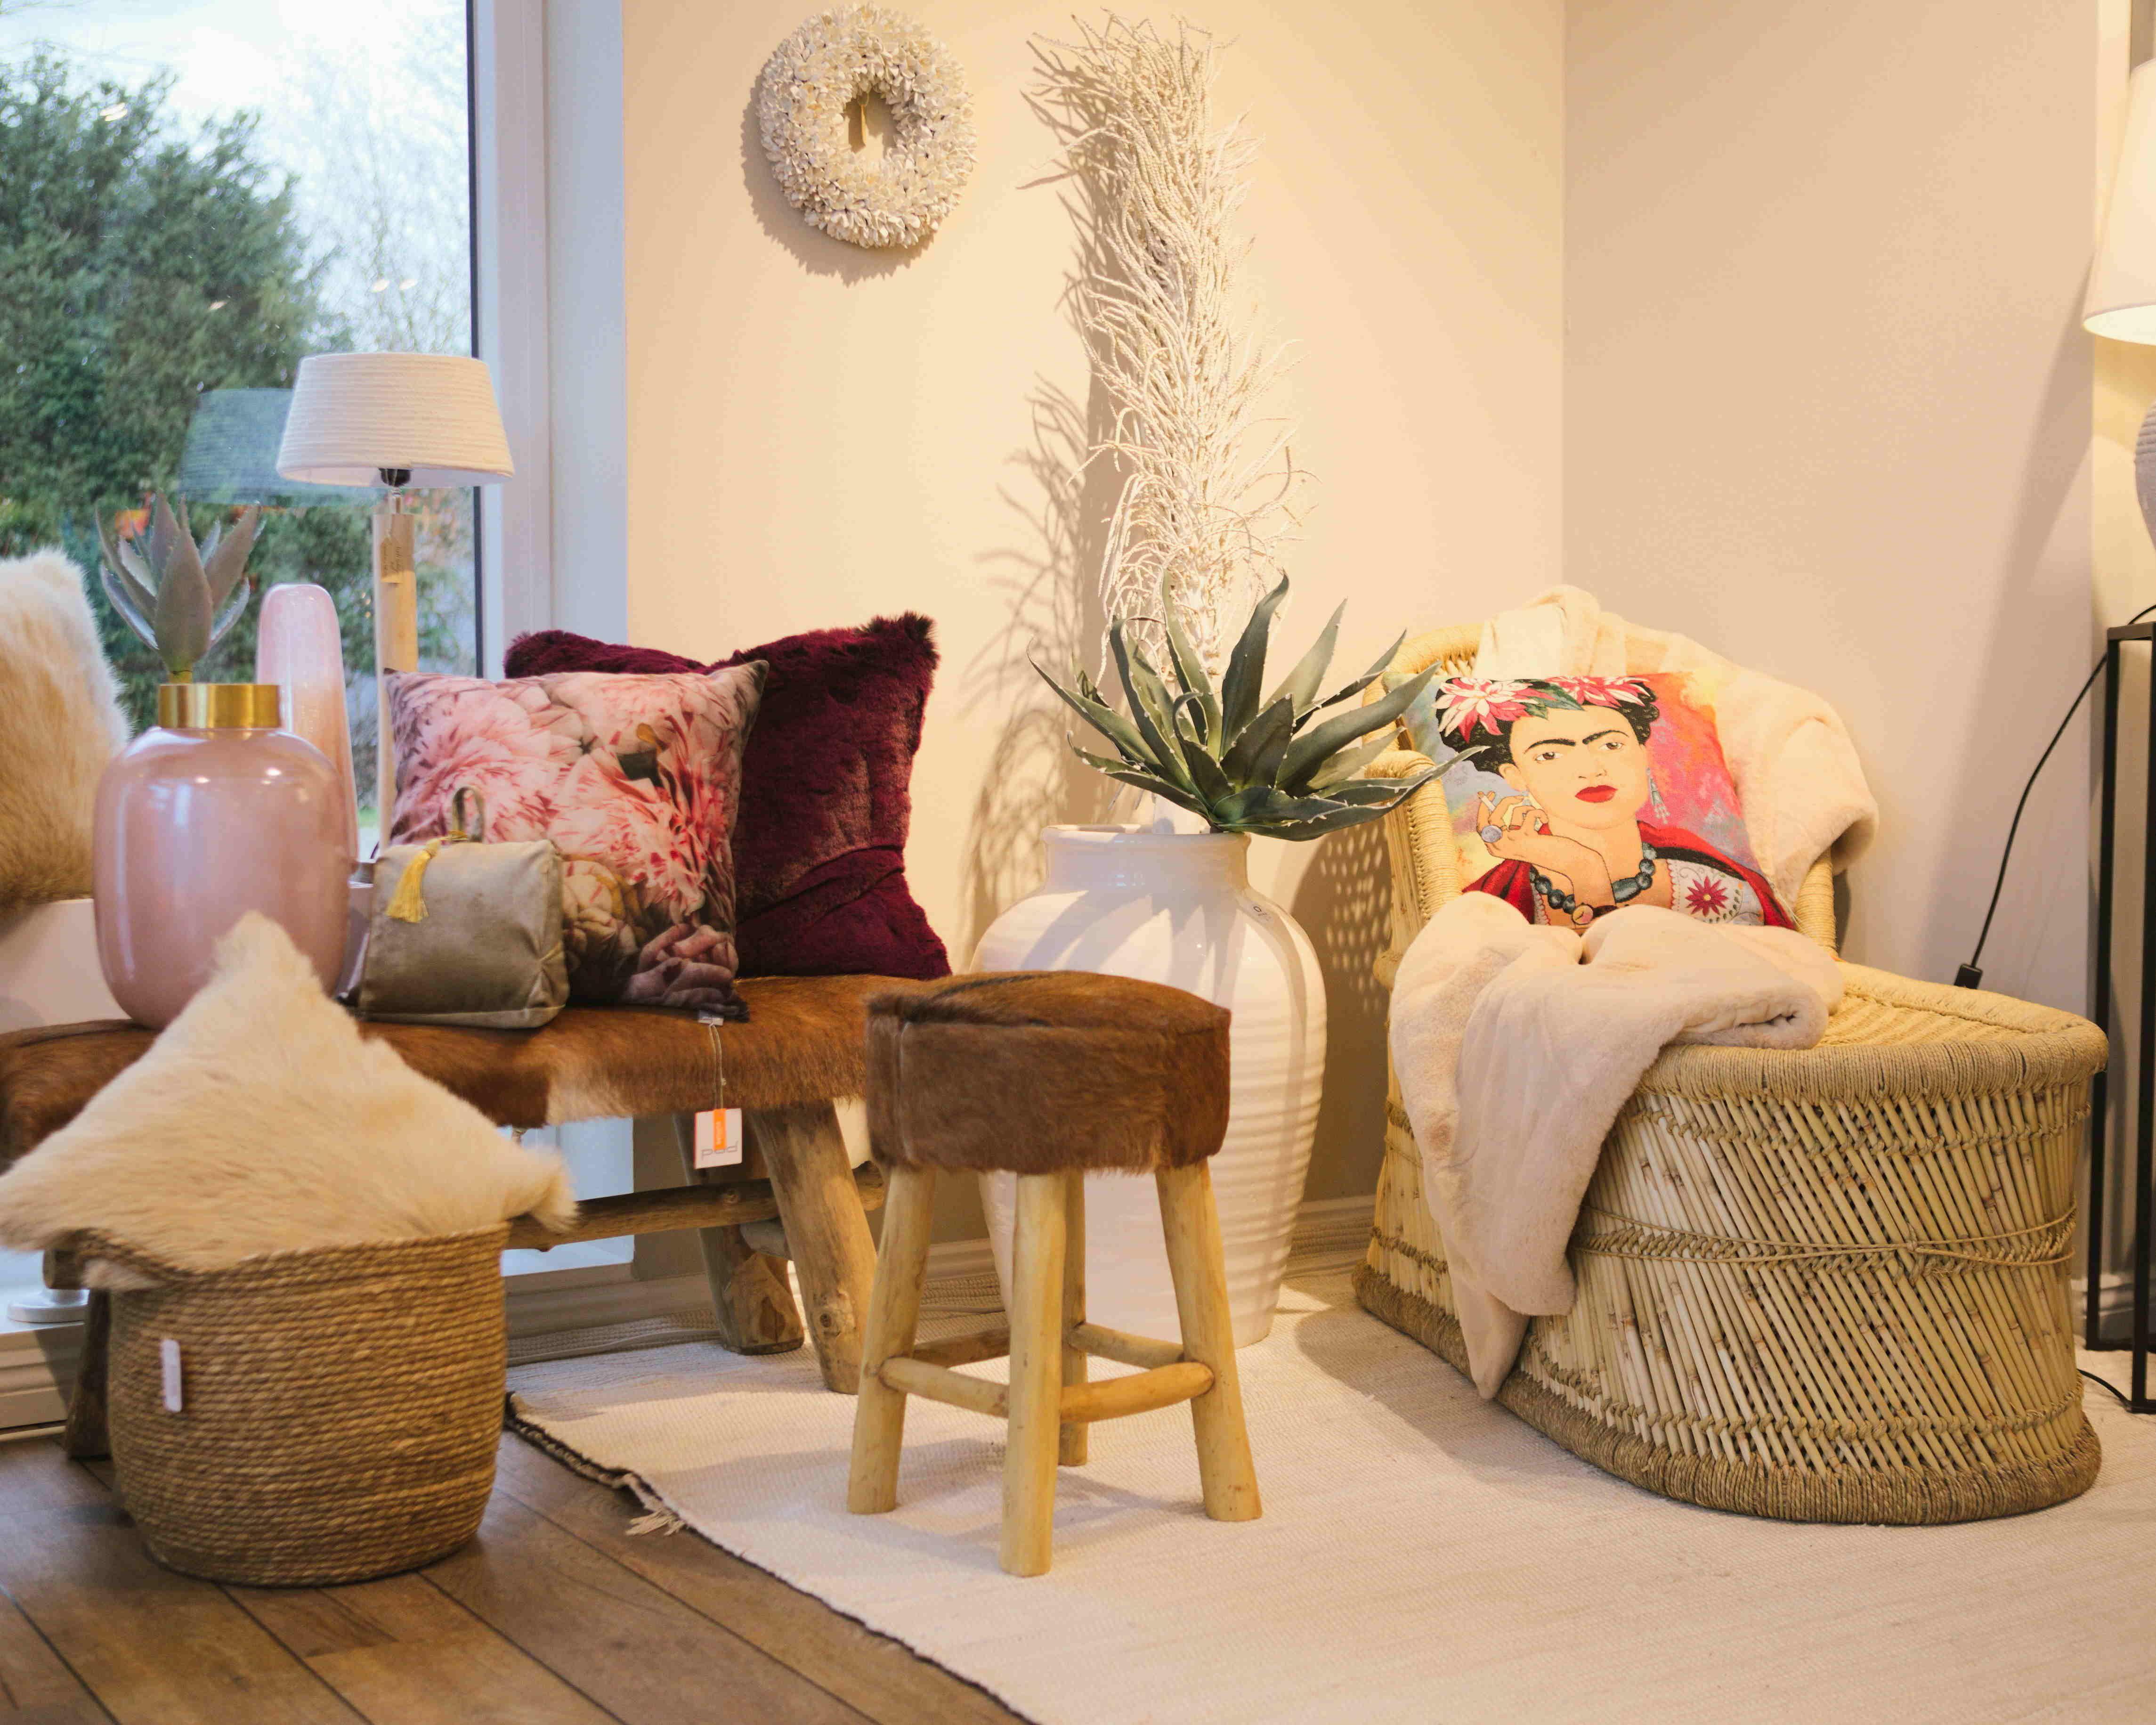 Gemütliche Inspiration Für Dein Wohnzimmer Bast Decor Home Decor Furniture